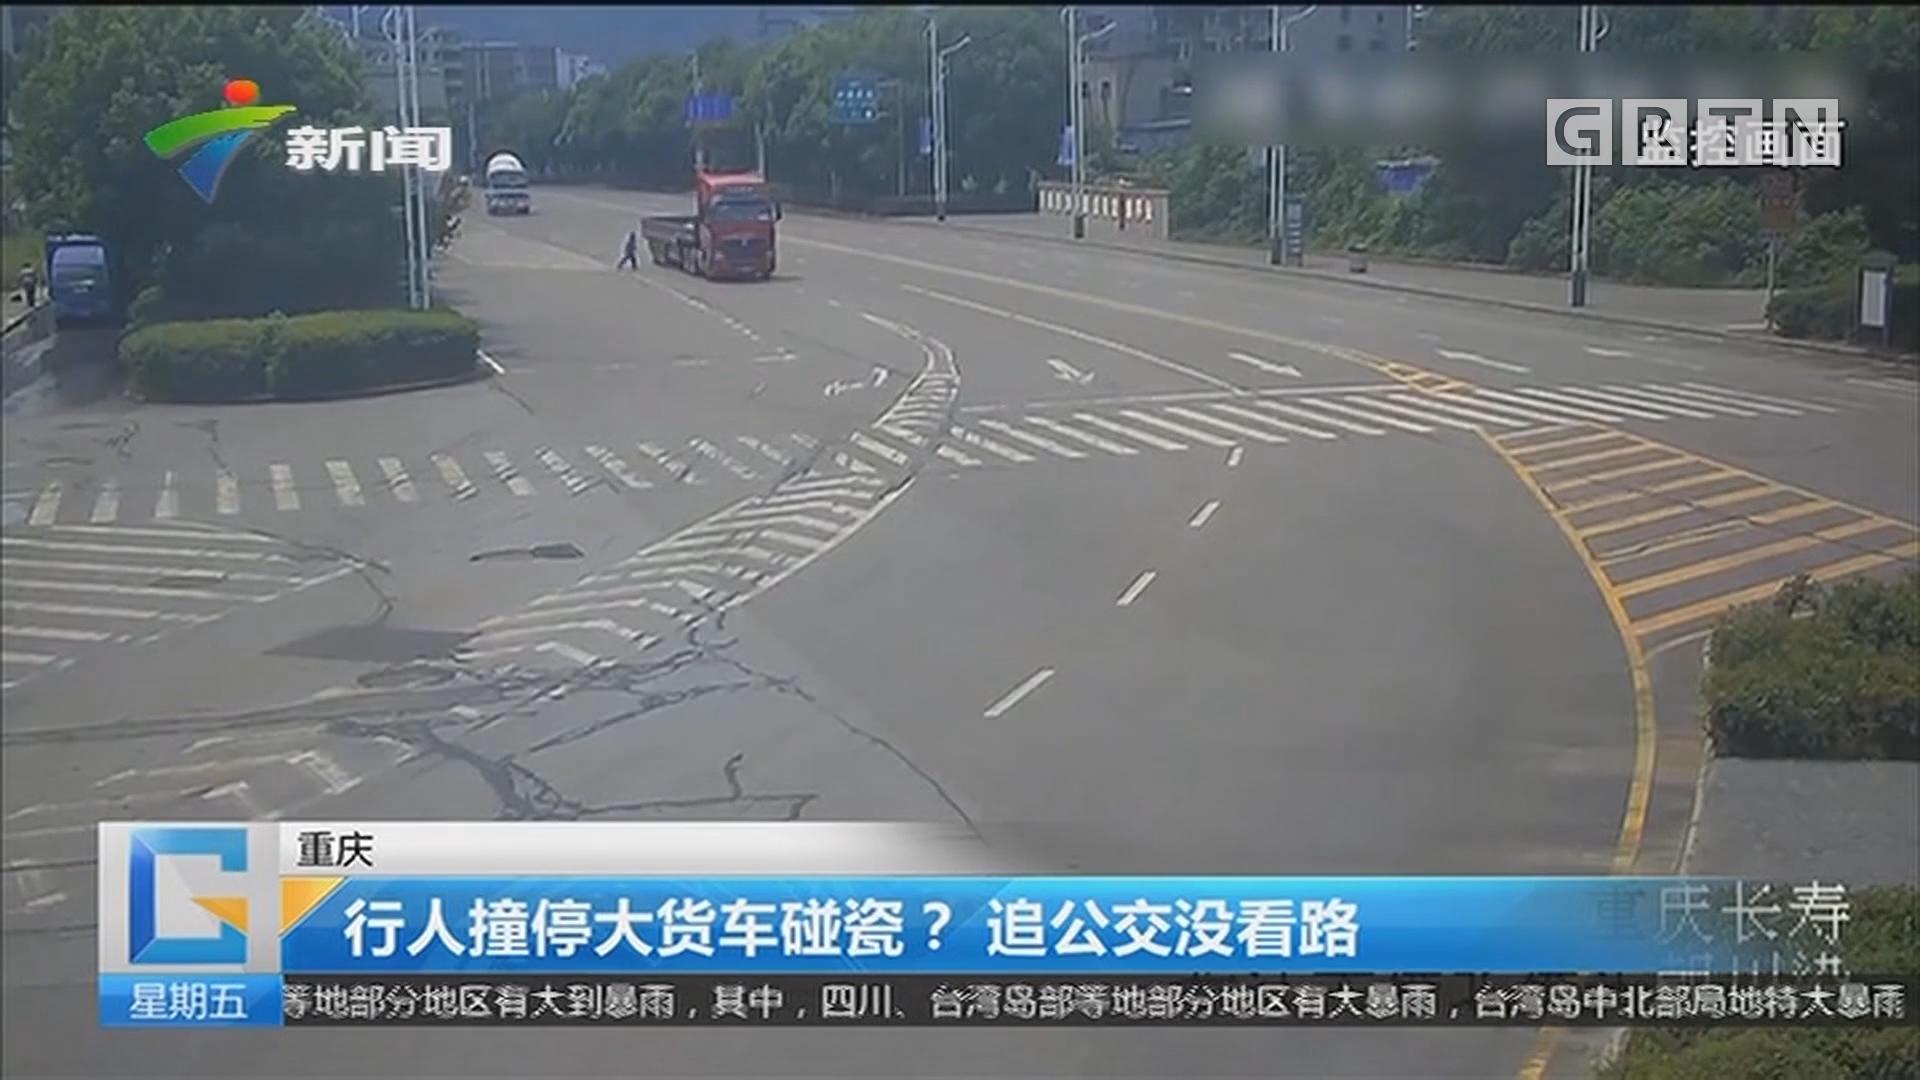 重庆:行人撞停大货车碰瓷?追公交没看路